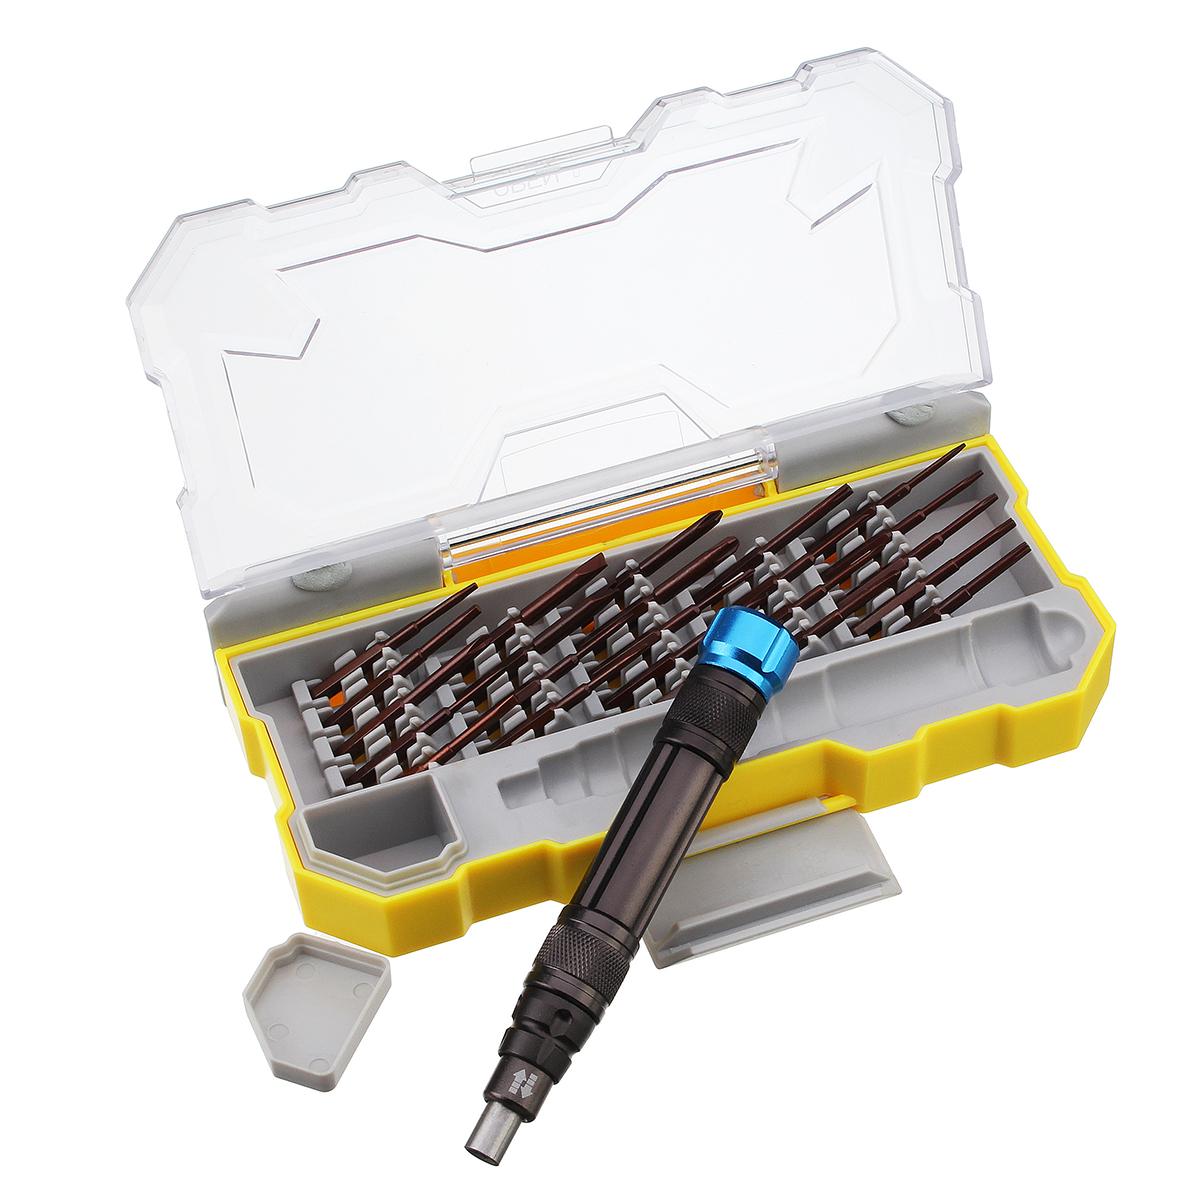 25 IN 1 Mini Repair Precision Screwdriver Tools Kit For Notebook Phones Repairing Tools